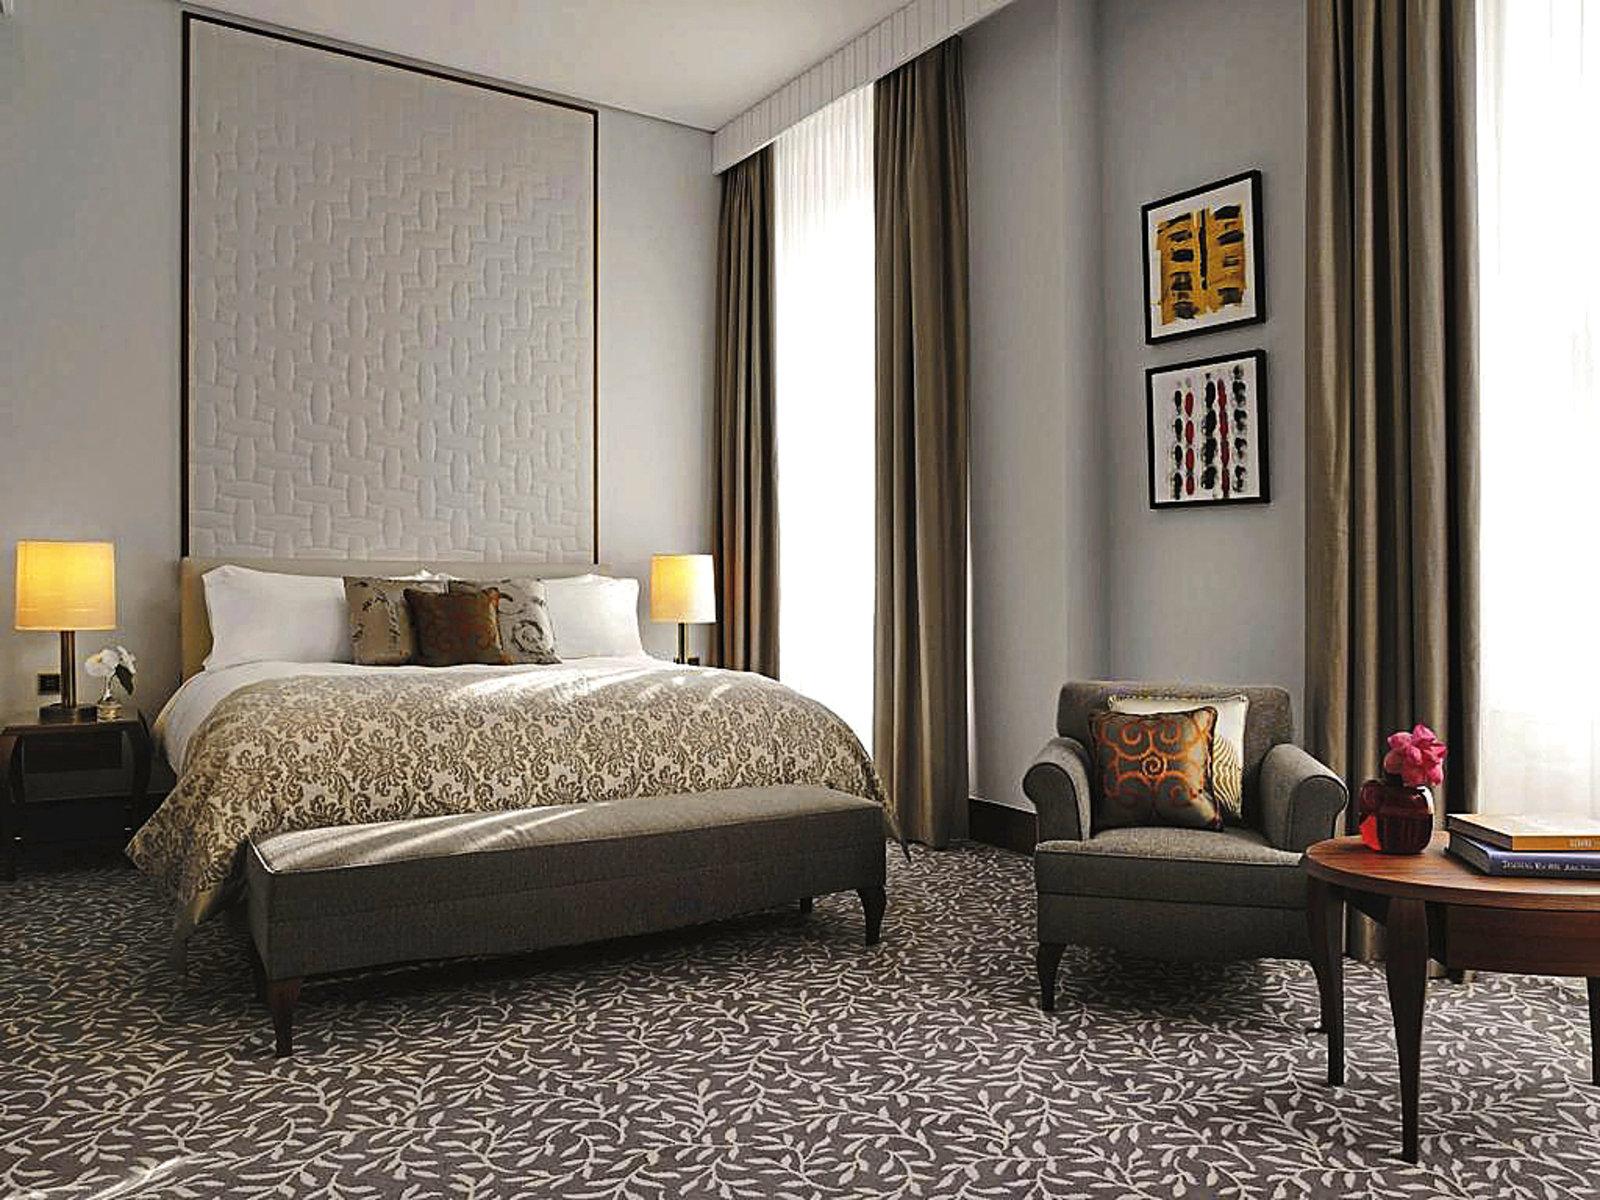 Wohnbeispiel DZX2 - Premium Room